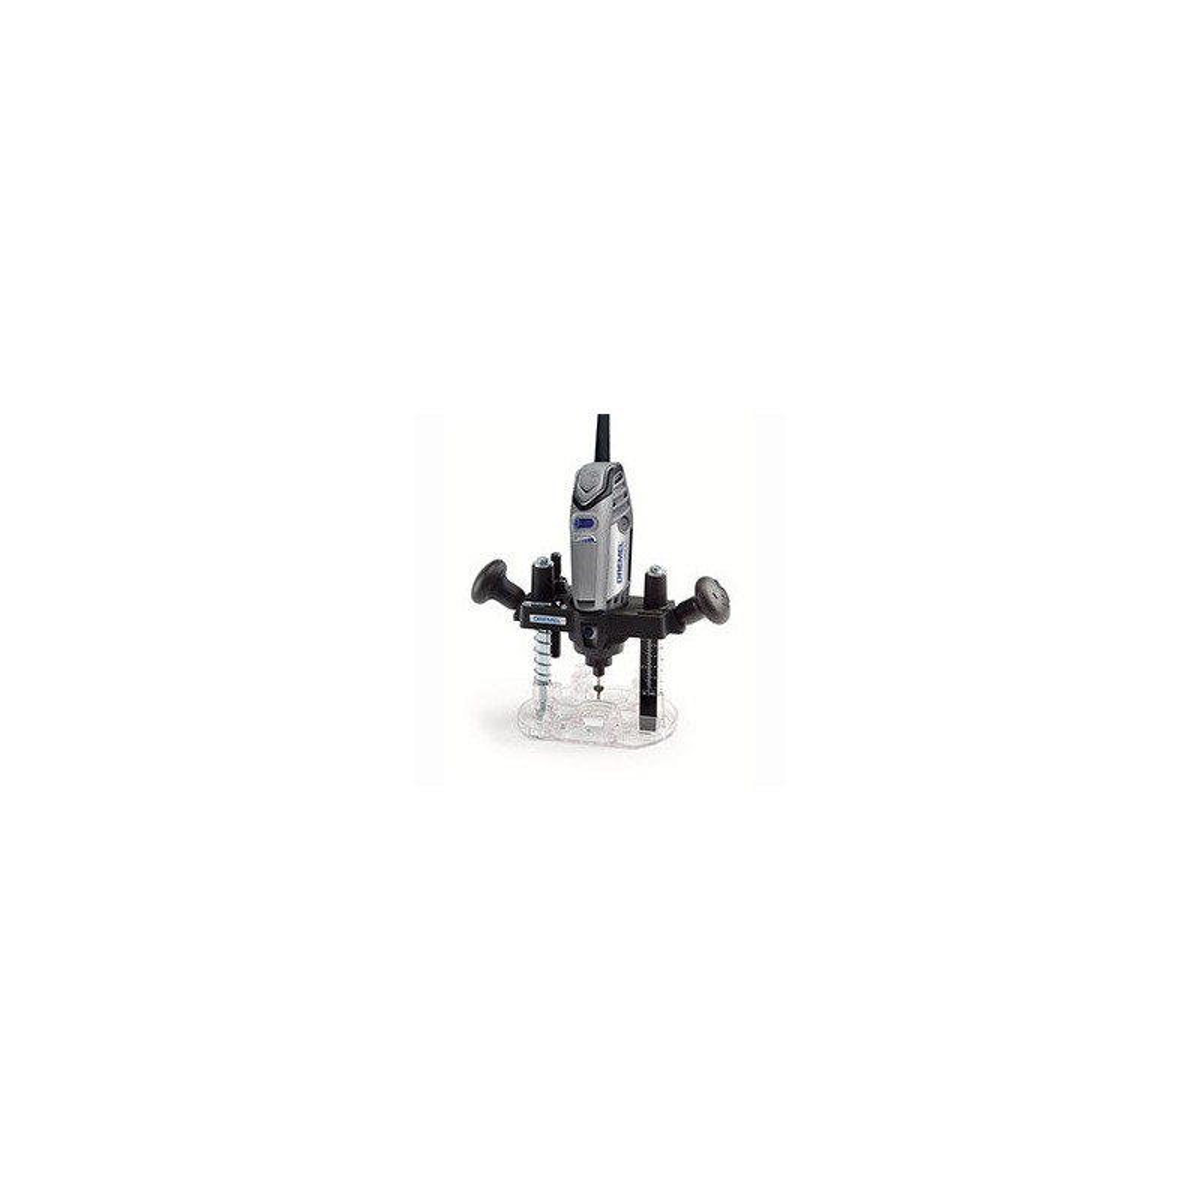 DREMEL Plunge Router Attachment 3000 F0133000JP F0133000JA F0133000JU F0134000JA F0134000JP F0134000KE 4000 335 26150335JA